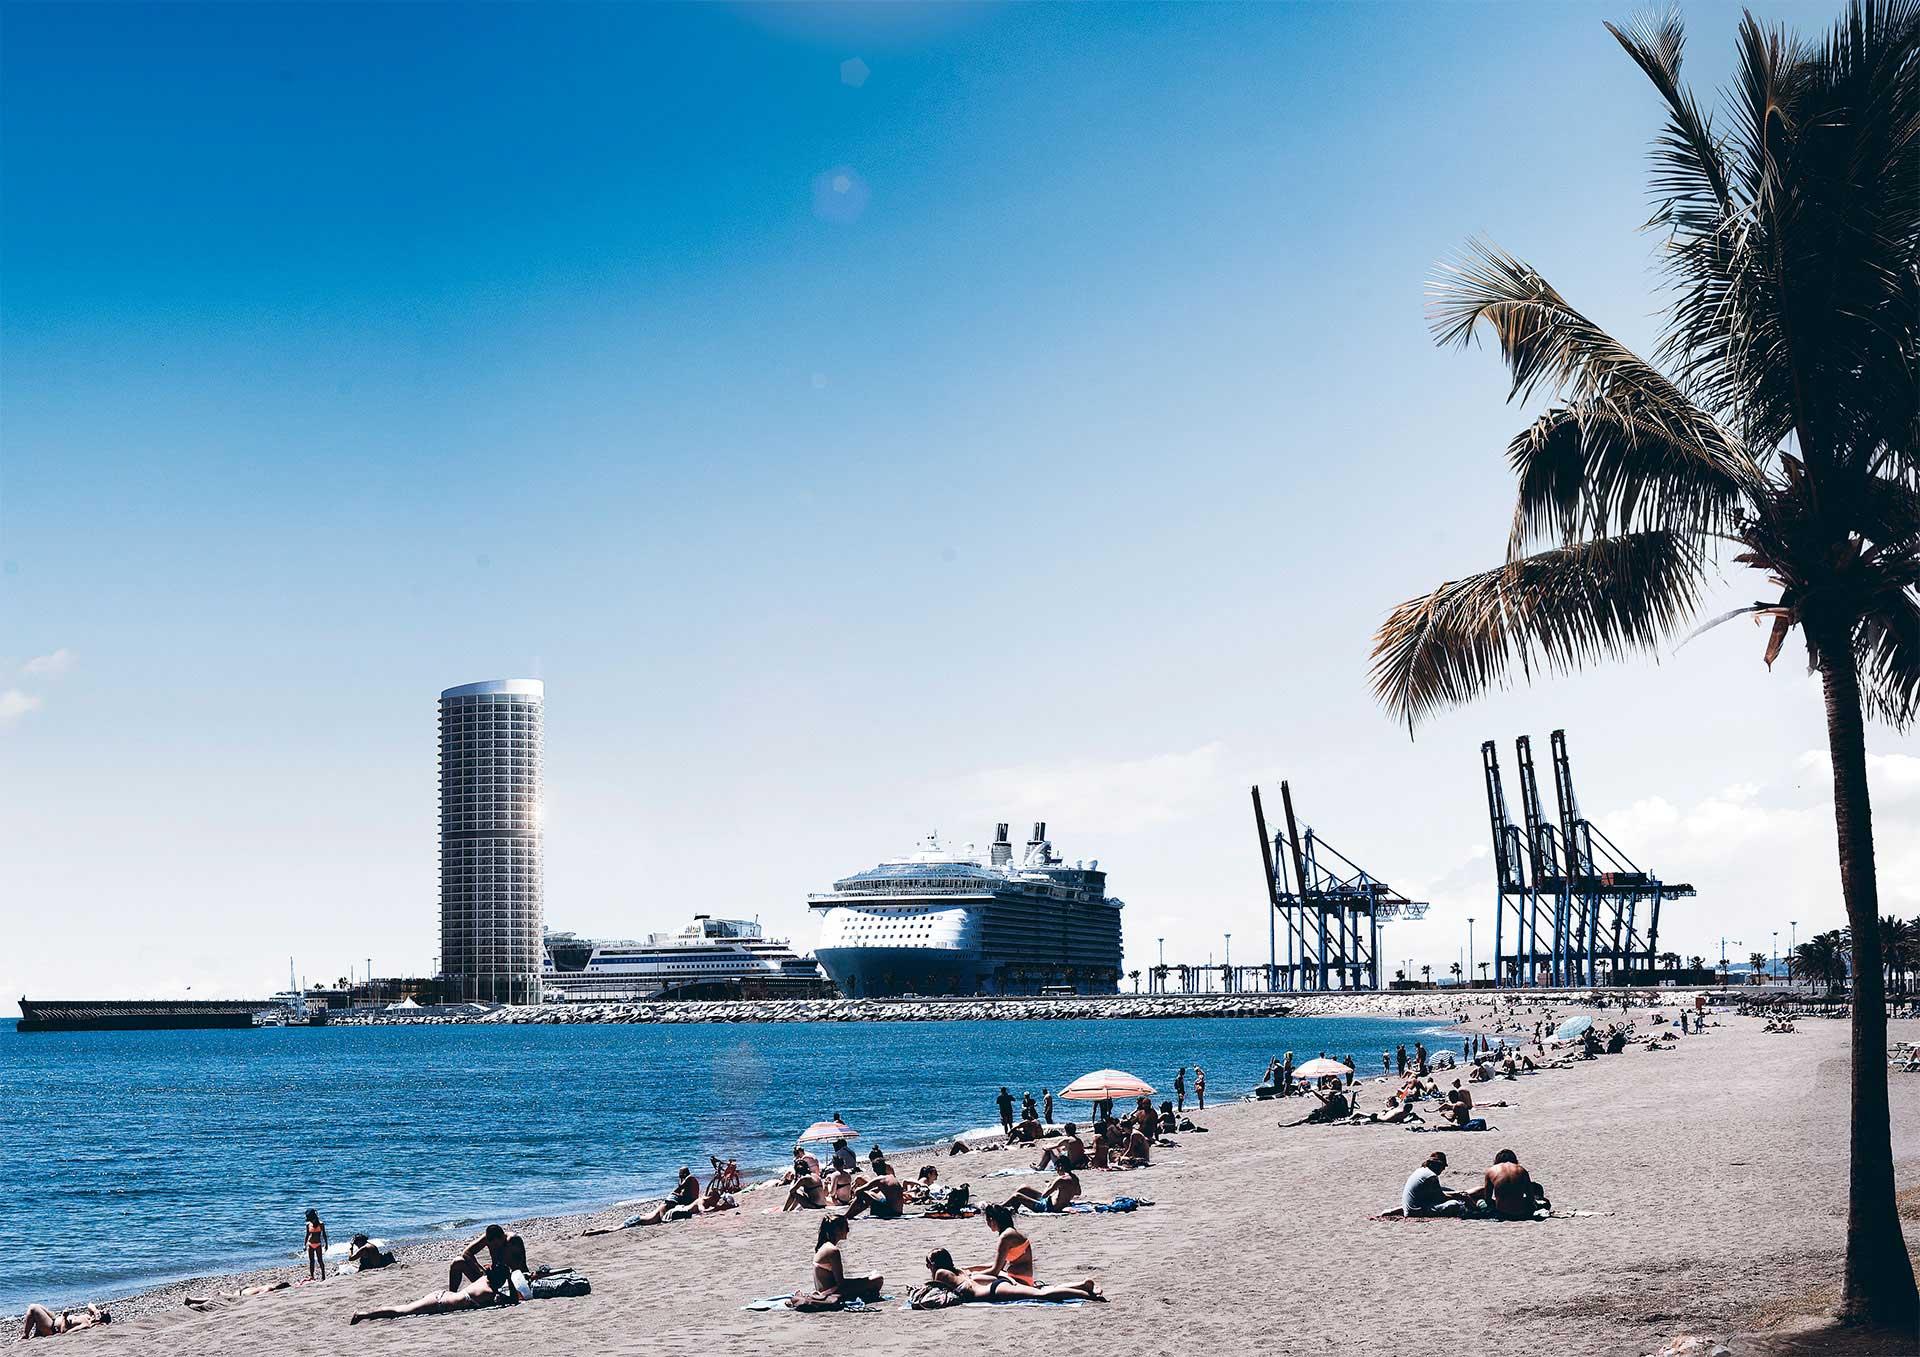 Imagen 3D - Rascacielos en el puerto de Málaga